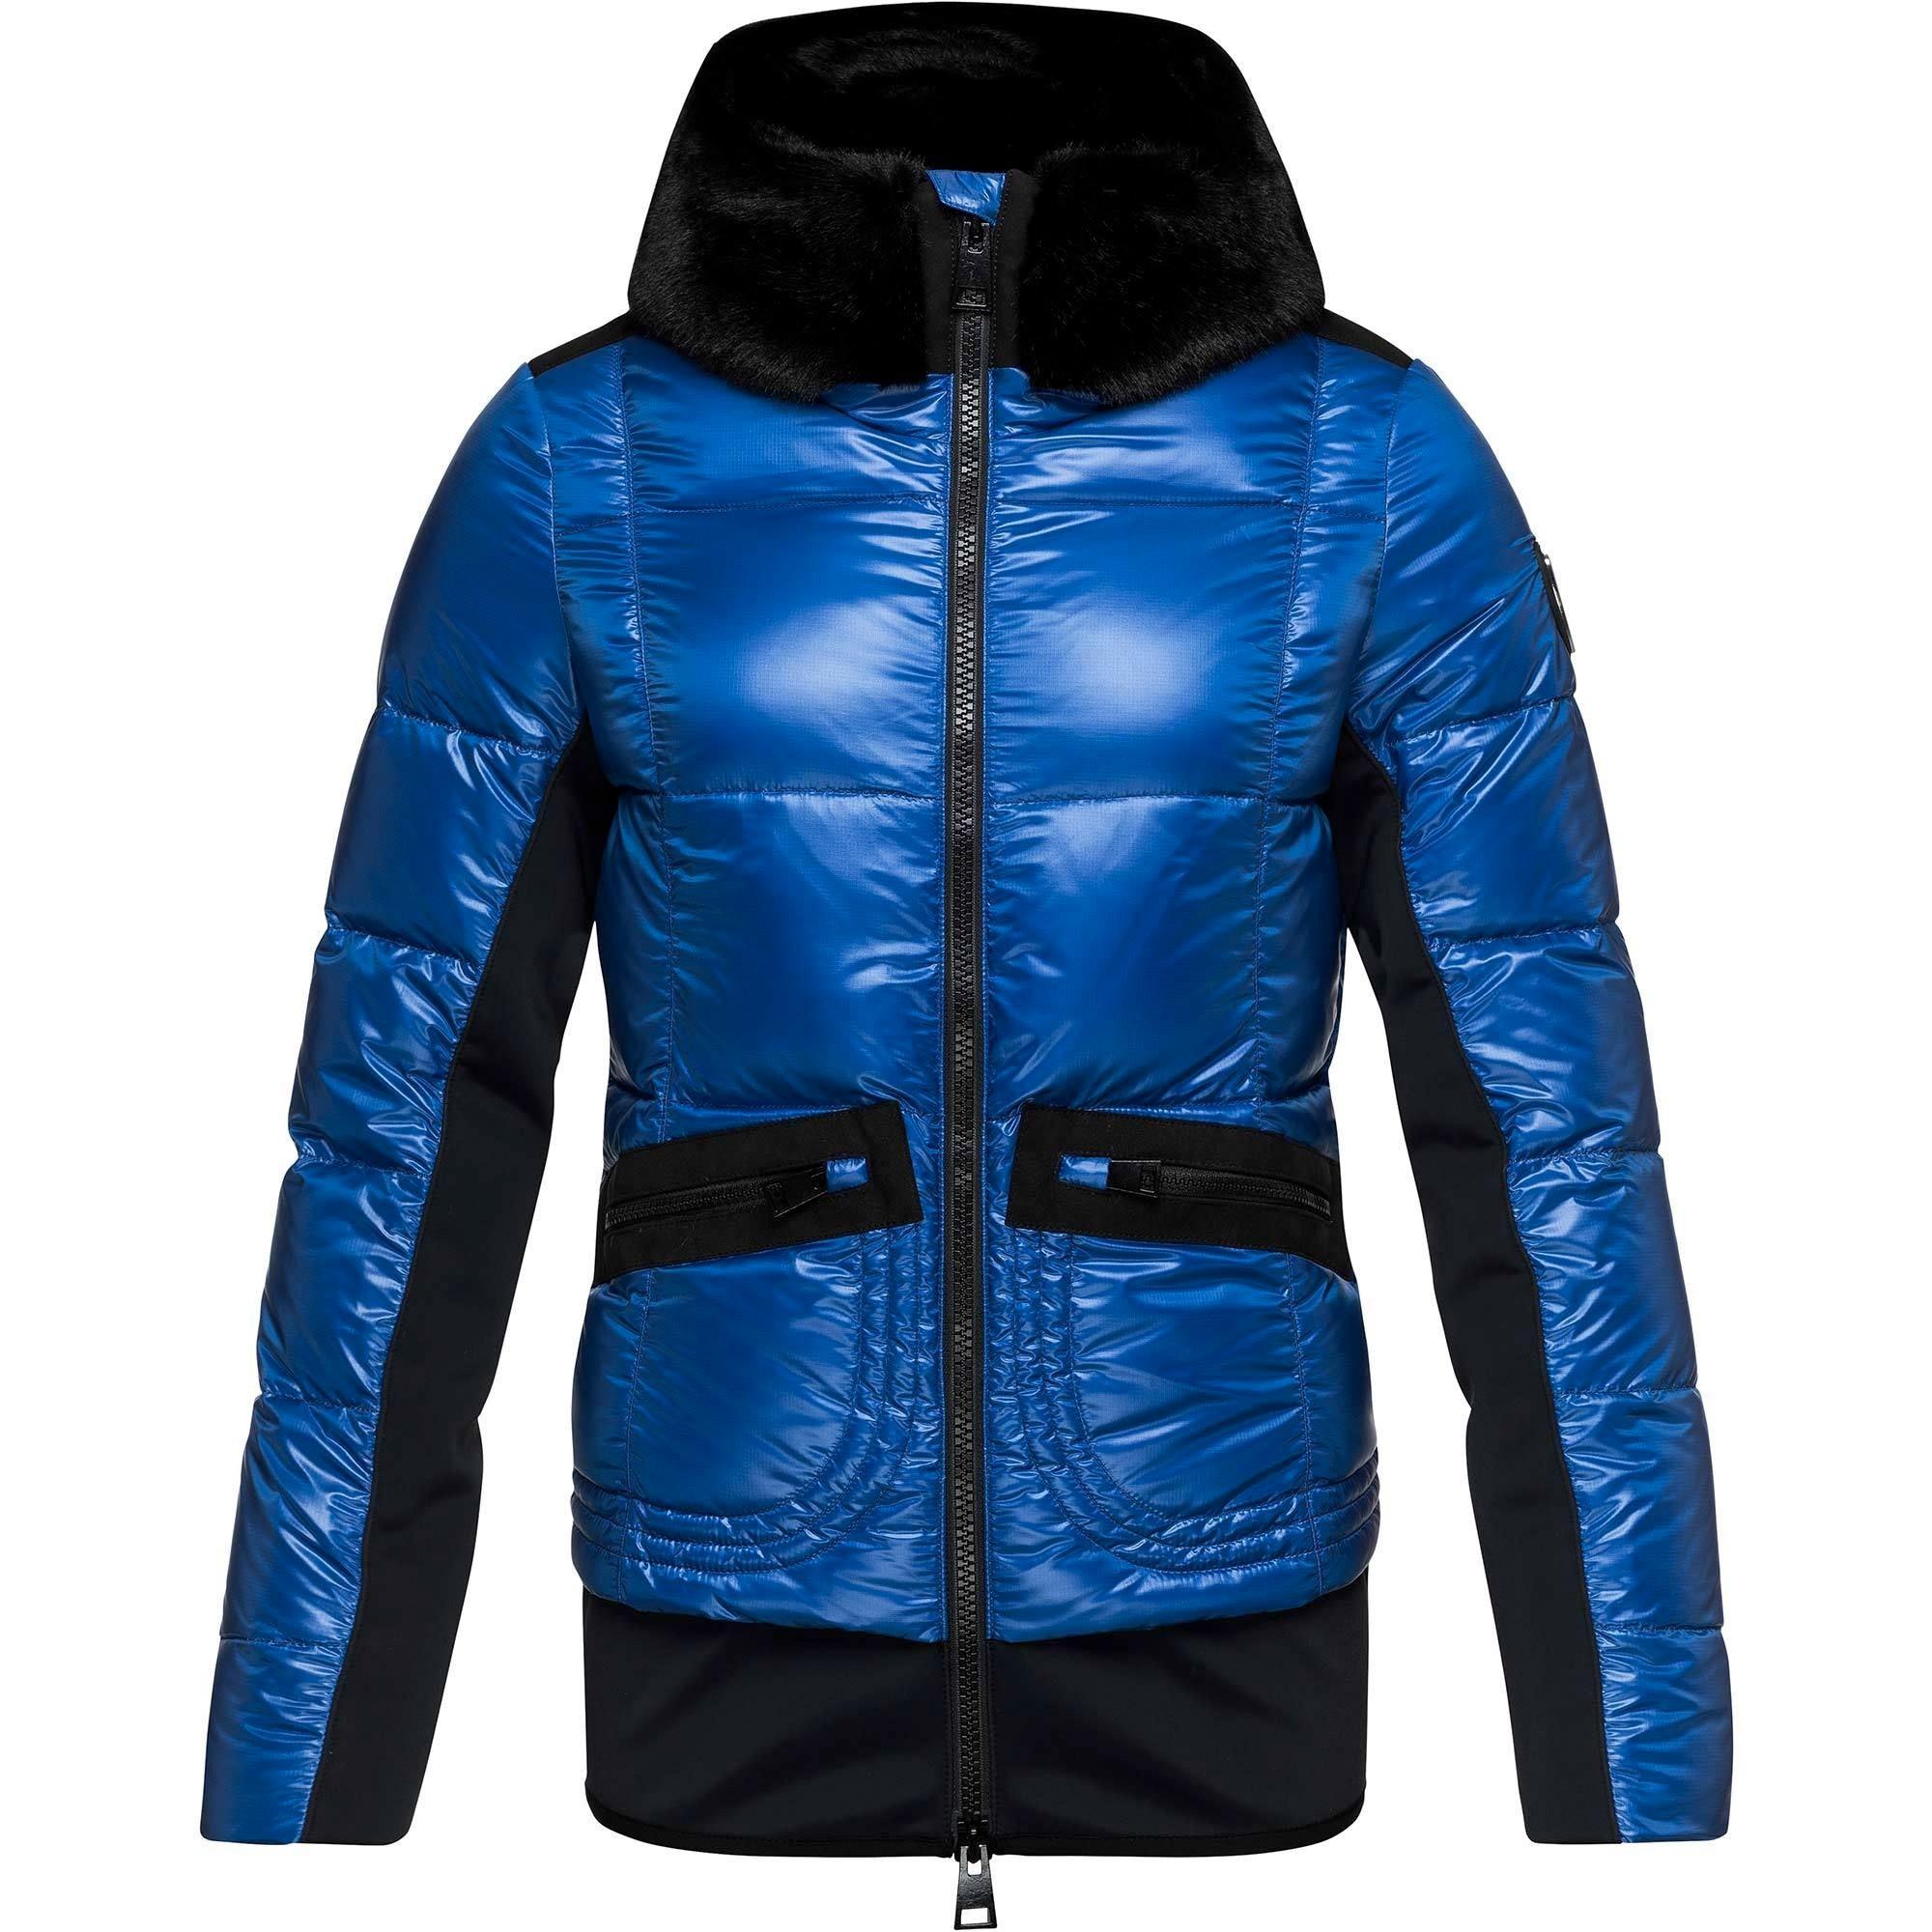 4647a28ef Ski jacket Rossignol Yakima Bomber Woman - Ski clothing